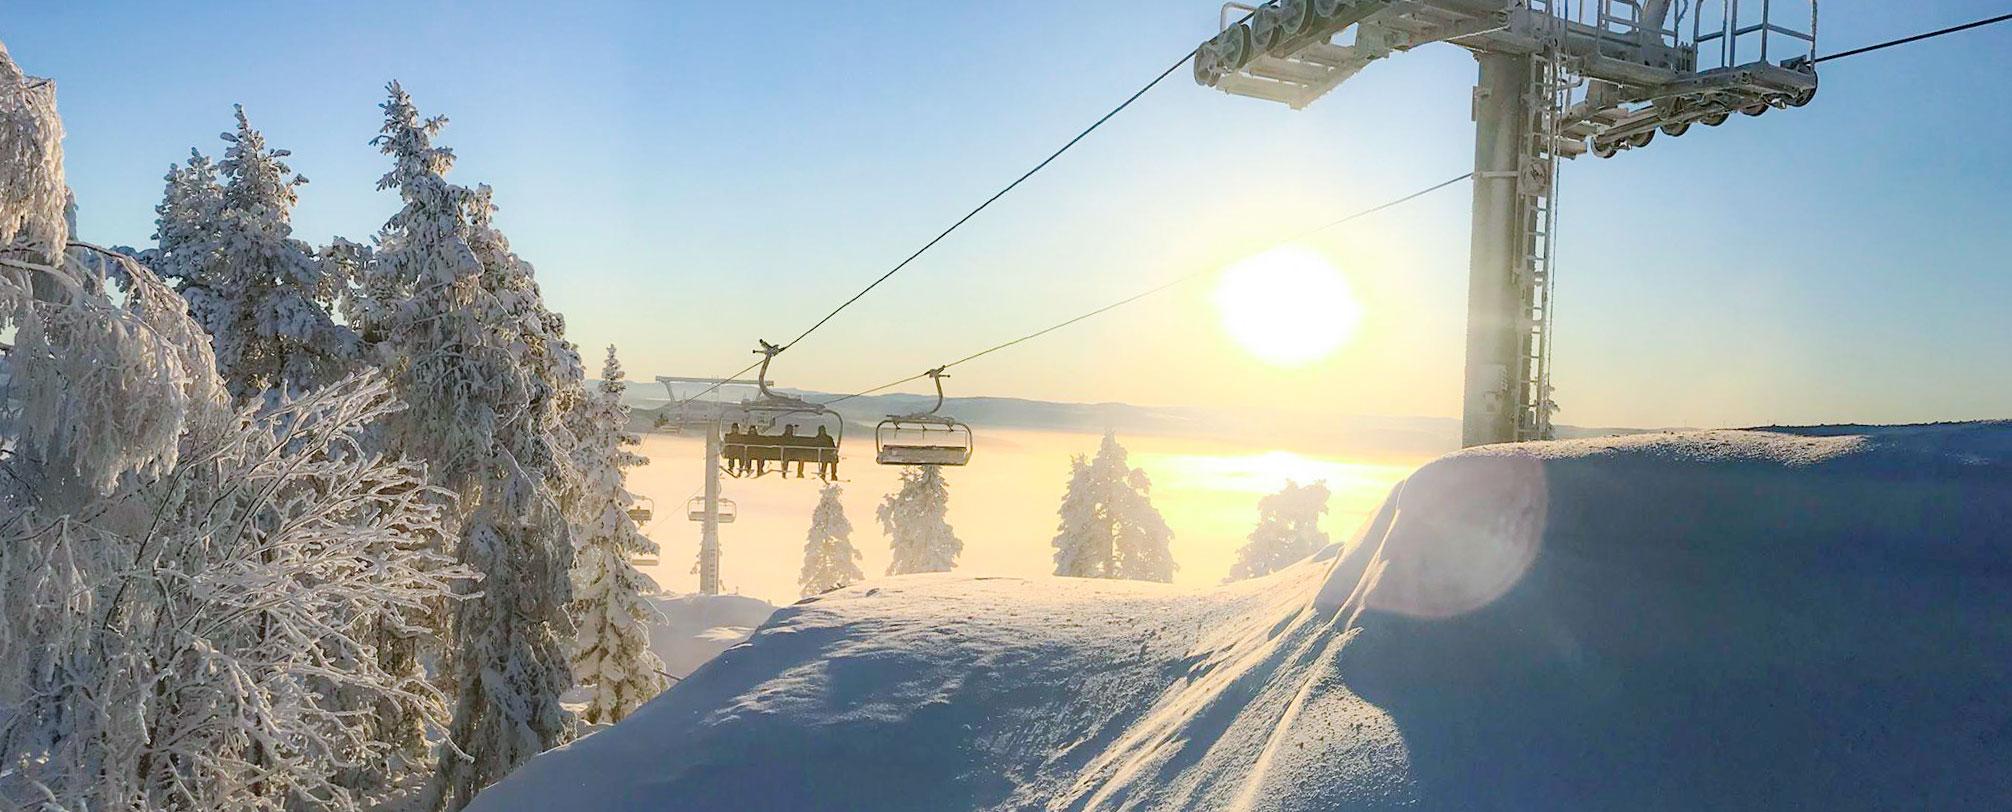 Järvsö Dec 2018